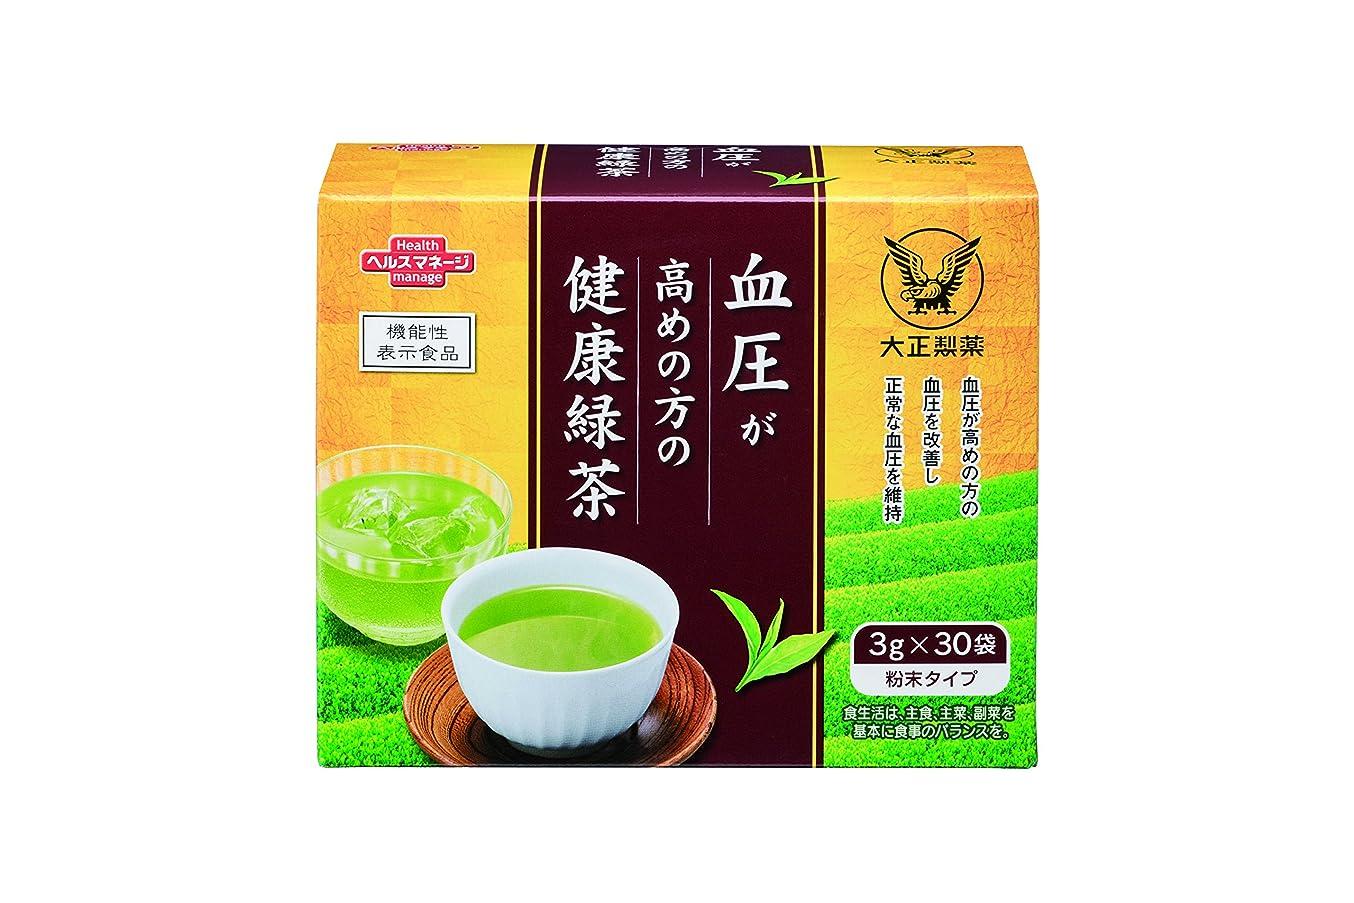 姪感謝している文献大正製薬 血圧が高めの方の健康緑茶【機能性表示食品】 30袋